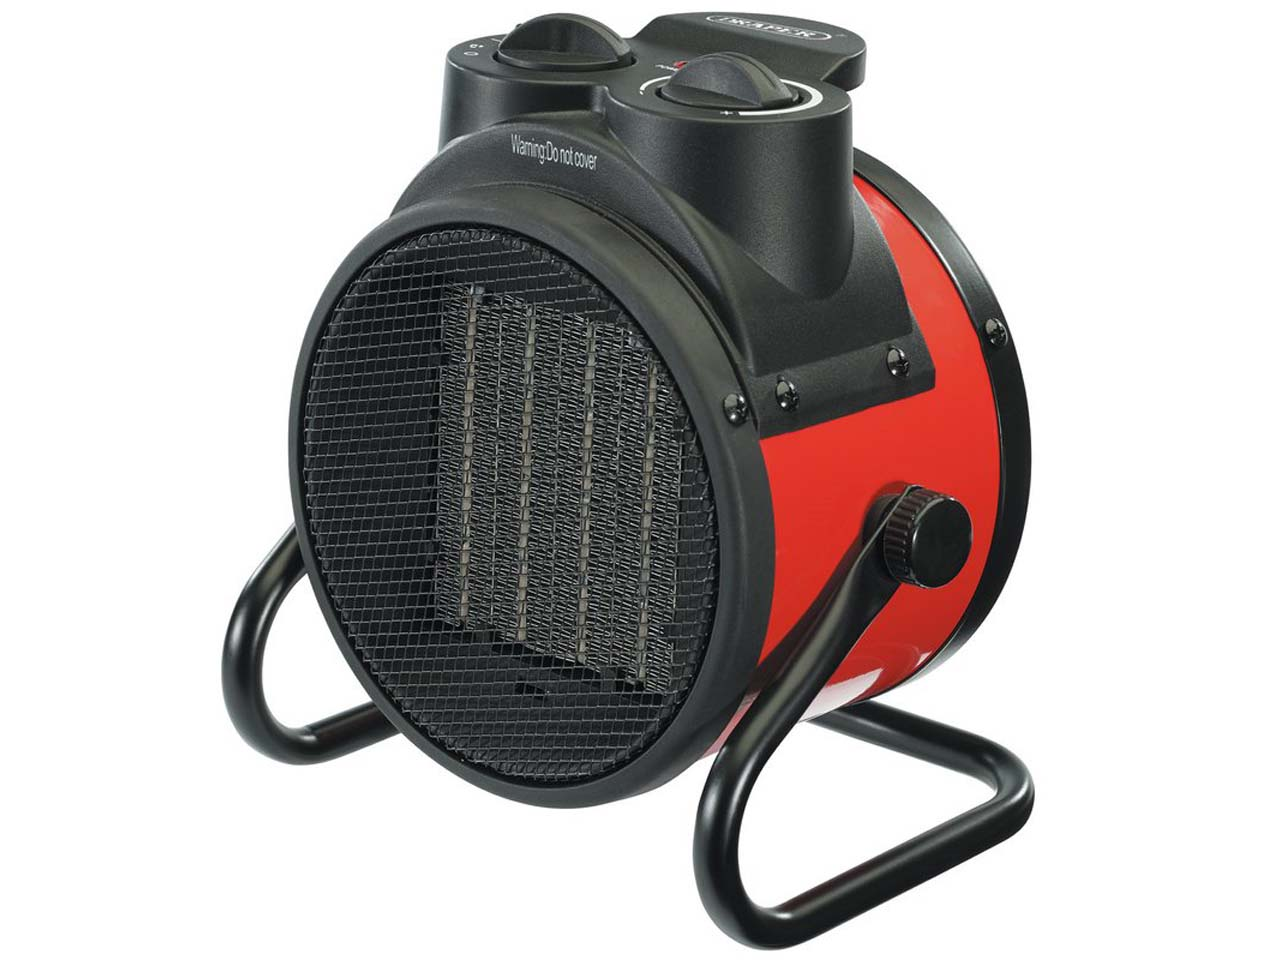 draper fan heater